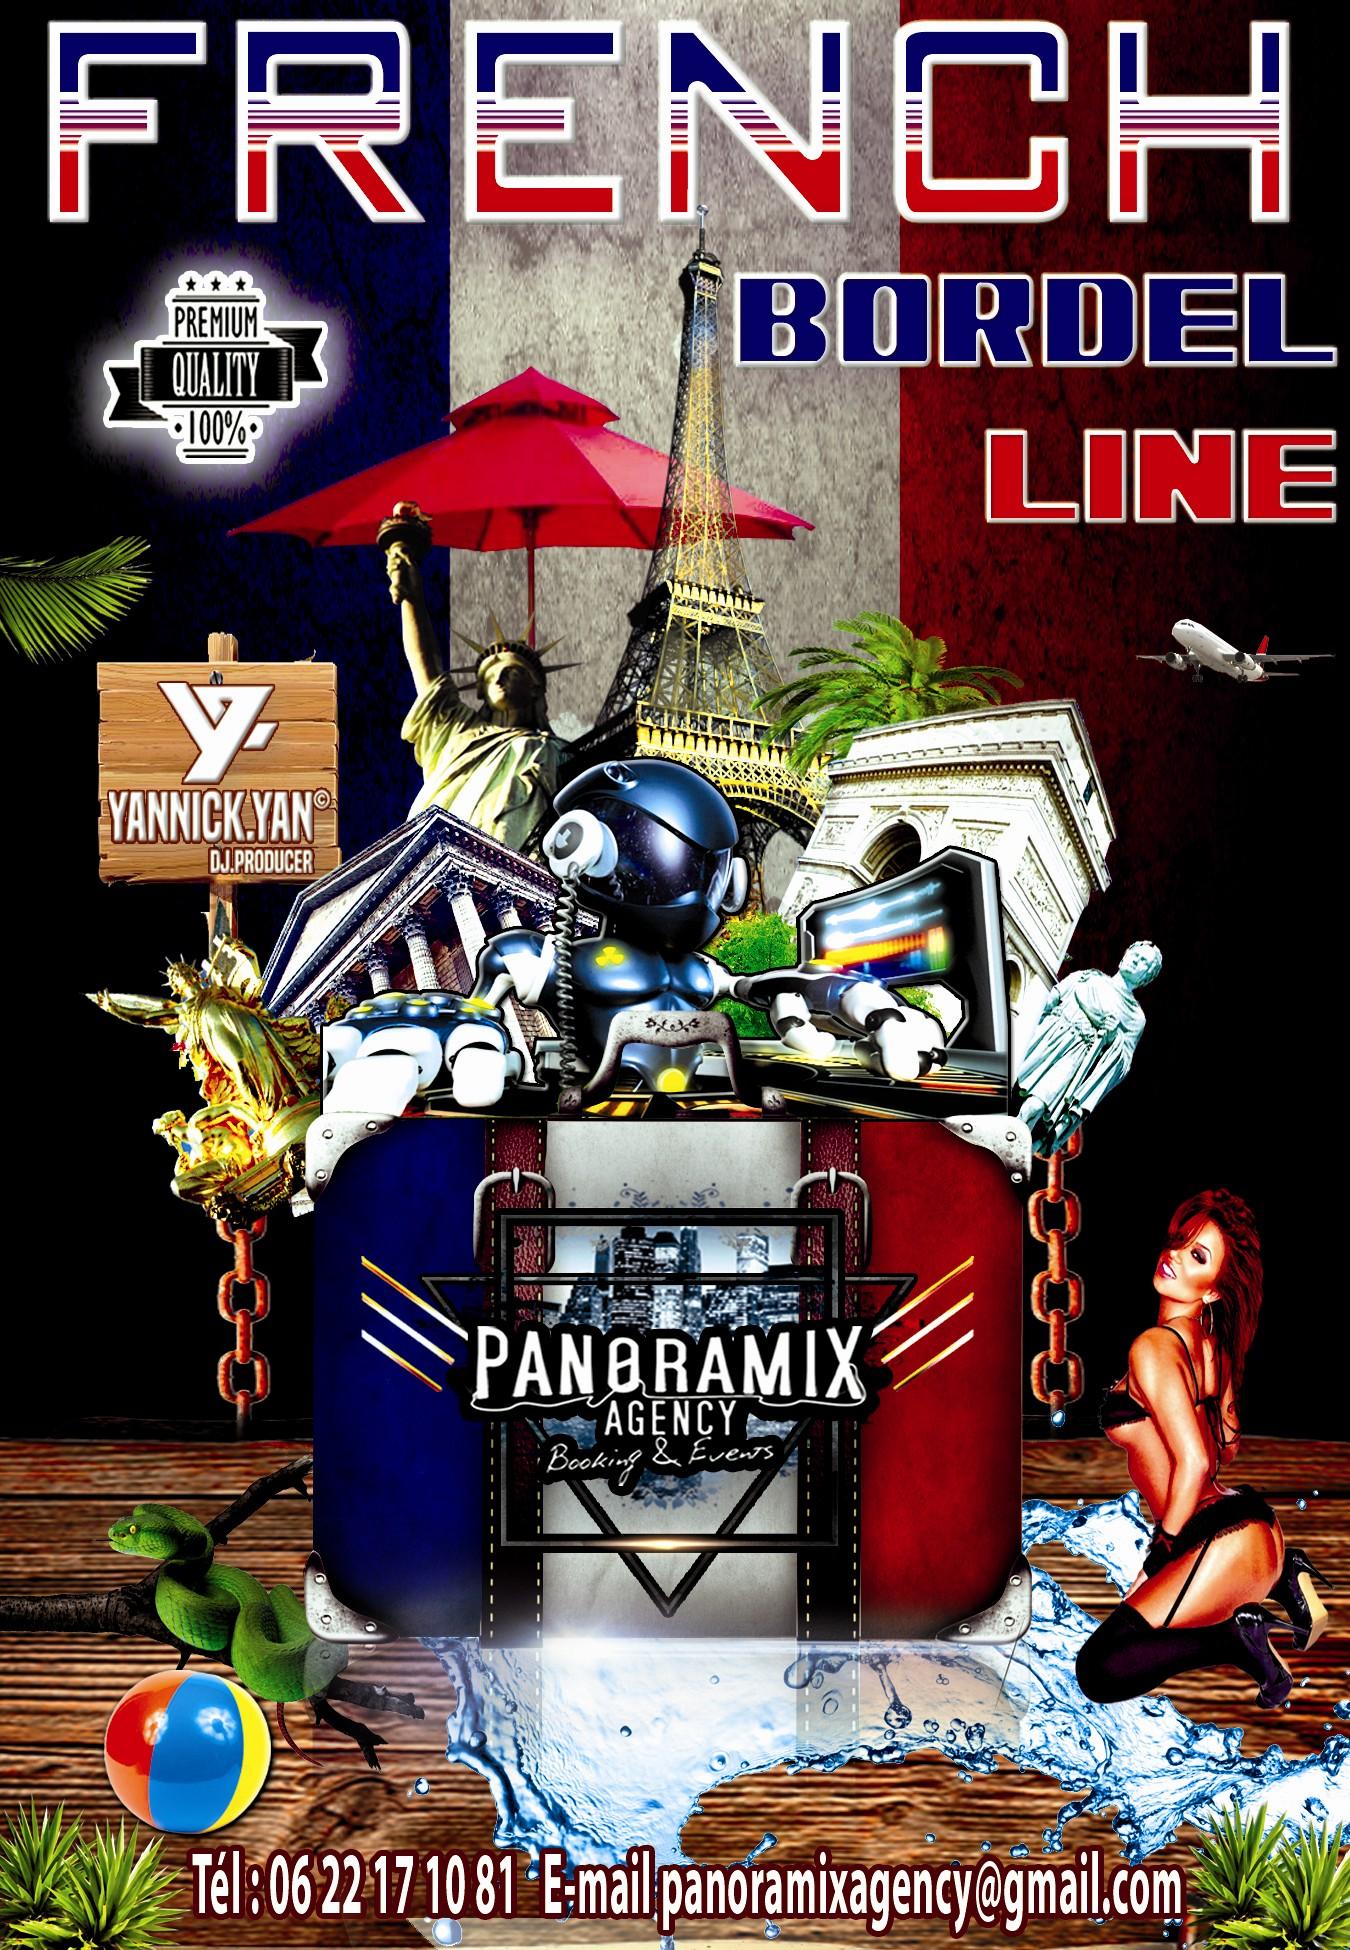 https://panoramix-radio-station.com/wp-content/uploads/2017/04/FRENCH-BORDELPANORAMIX-u.jpg